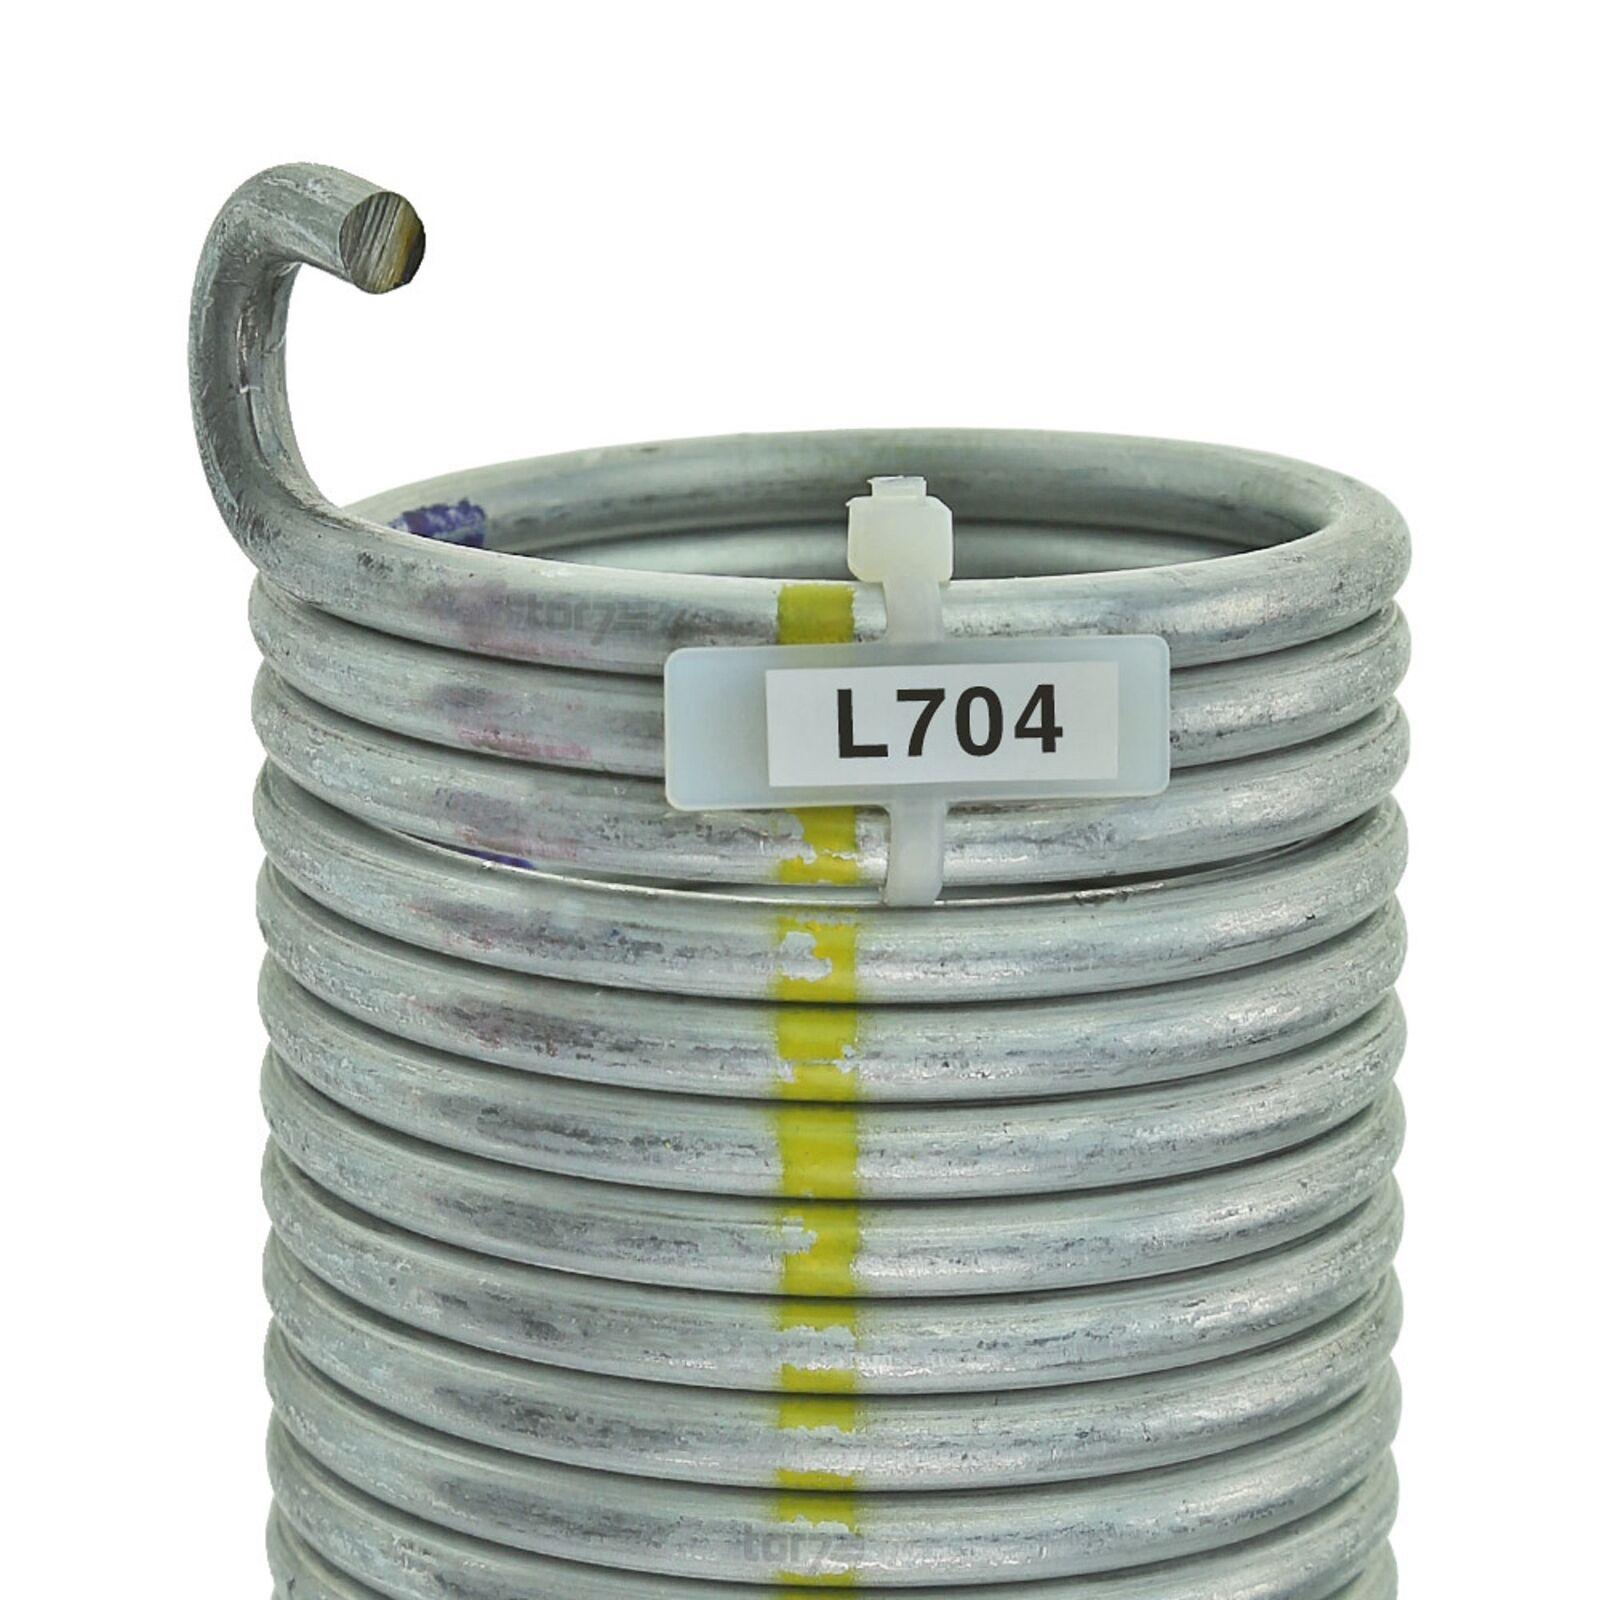 Torsionsfeder L704 / L24 für Hörmann Garagentor Garagentorfeder Torfeder